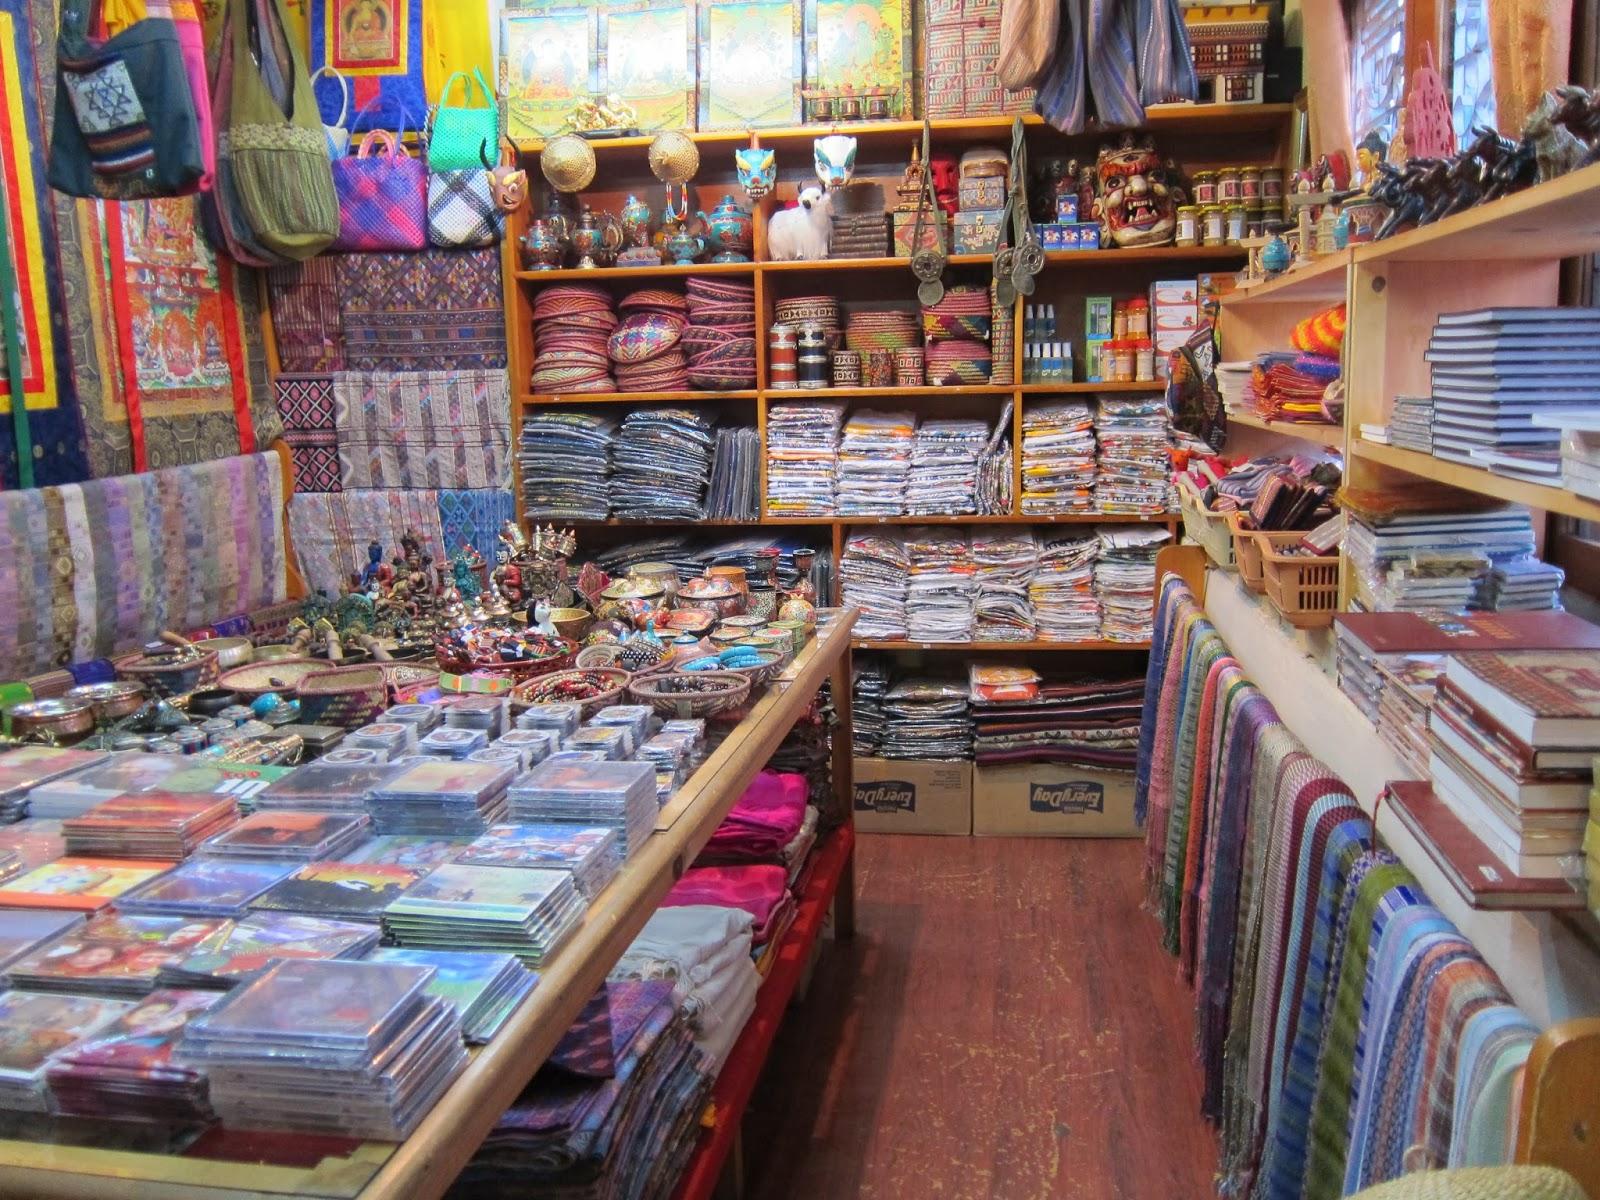 不丹: 是命中注定的旅程 Bhutan: It is Fate ~: 不丹旅遊資訊 – 我最喜愛的商店@ 不丹 - Apr 2012